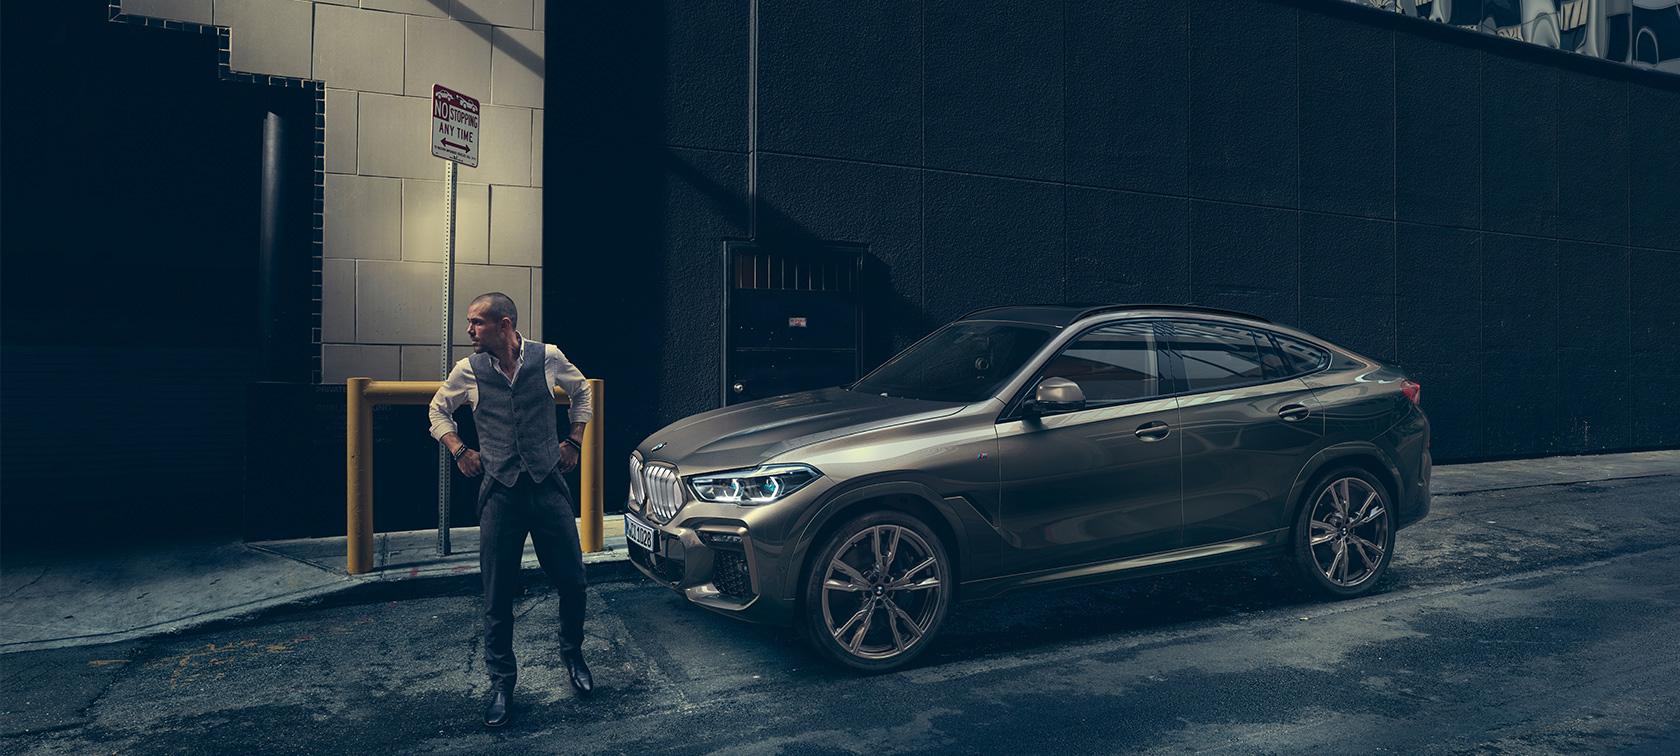 Nuova BMW X6: scopri le caratteristiche | BMW.IT